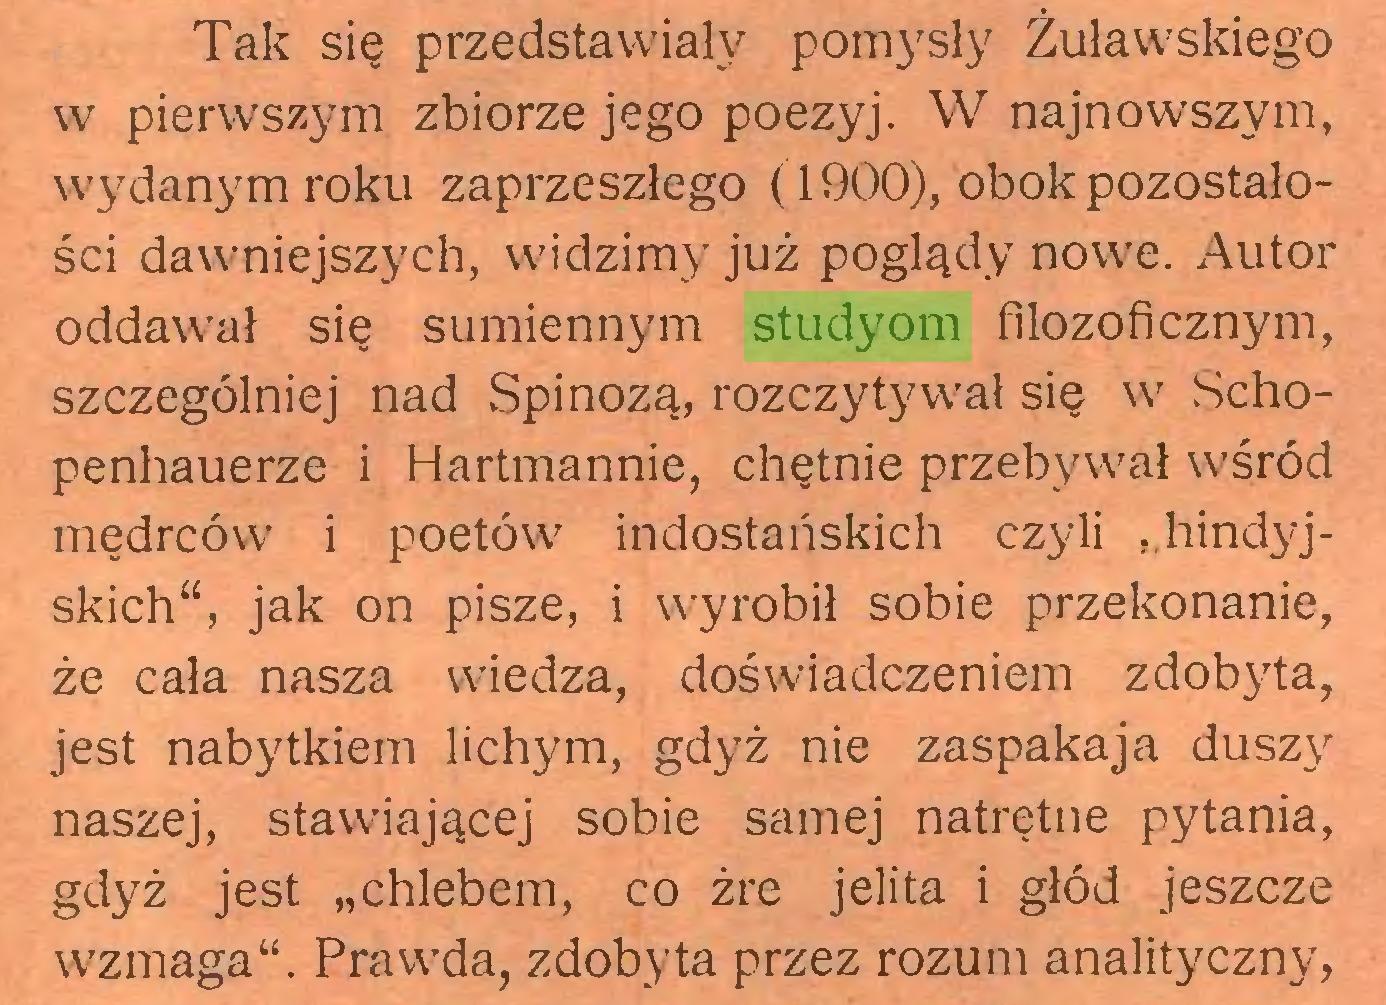 """(...) Tak się przedstawiały pomysły Żuławskiego w pierwszym zbiorze jego poezyj. W najnowszym, wydanym roku zaprzeszłego (1900), obok pozostałości dawniejszych, widzimy już poglądy nowe. Autor oddawał się sumiennym studyom filozoficznym, szczególniej nad Spinozą, rozczytywał się w .Schopenhauerze i Hartmannie, chętnie przebywał wśród mędrców i poetów indostańskich czyli """"hindyjskich"""", jak on pisze, i wyrobił sobie przekonanie, że cała nasza wiedza, doświadczeniem zdobyta, jest nabytkiem lichym, gdyż nie zaspakaja duszy naszej, stawiającej sobie samej natrętne pytania, gdyż jest """"chlebem, co żre jelita i głód jeszcze wzmaga"""". Prawda, zdobyta przez rozum analityczny,..."""